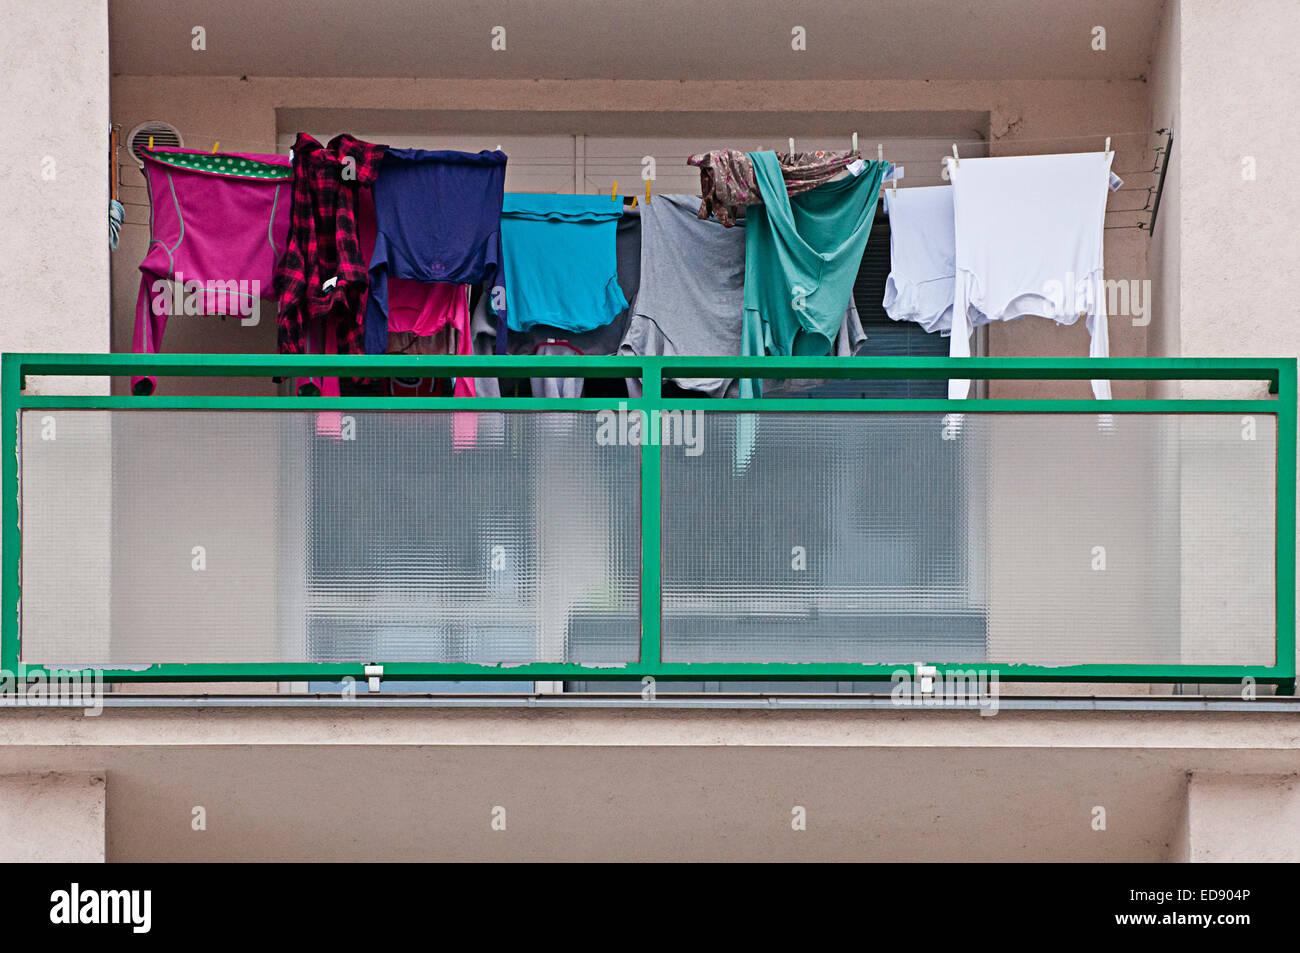 Balkon eine beliebte Wohnungen bauen, mit Wäsche aufhängen zum Trocknen Stockbild